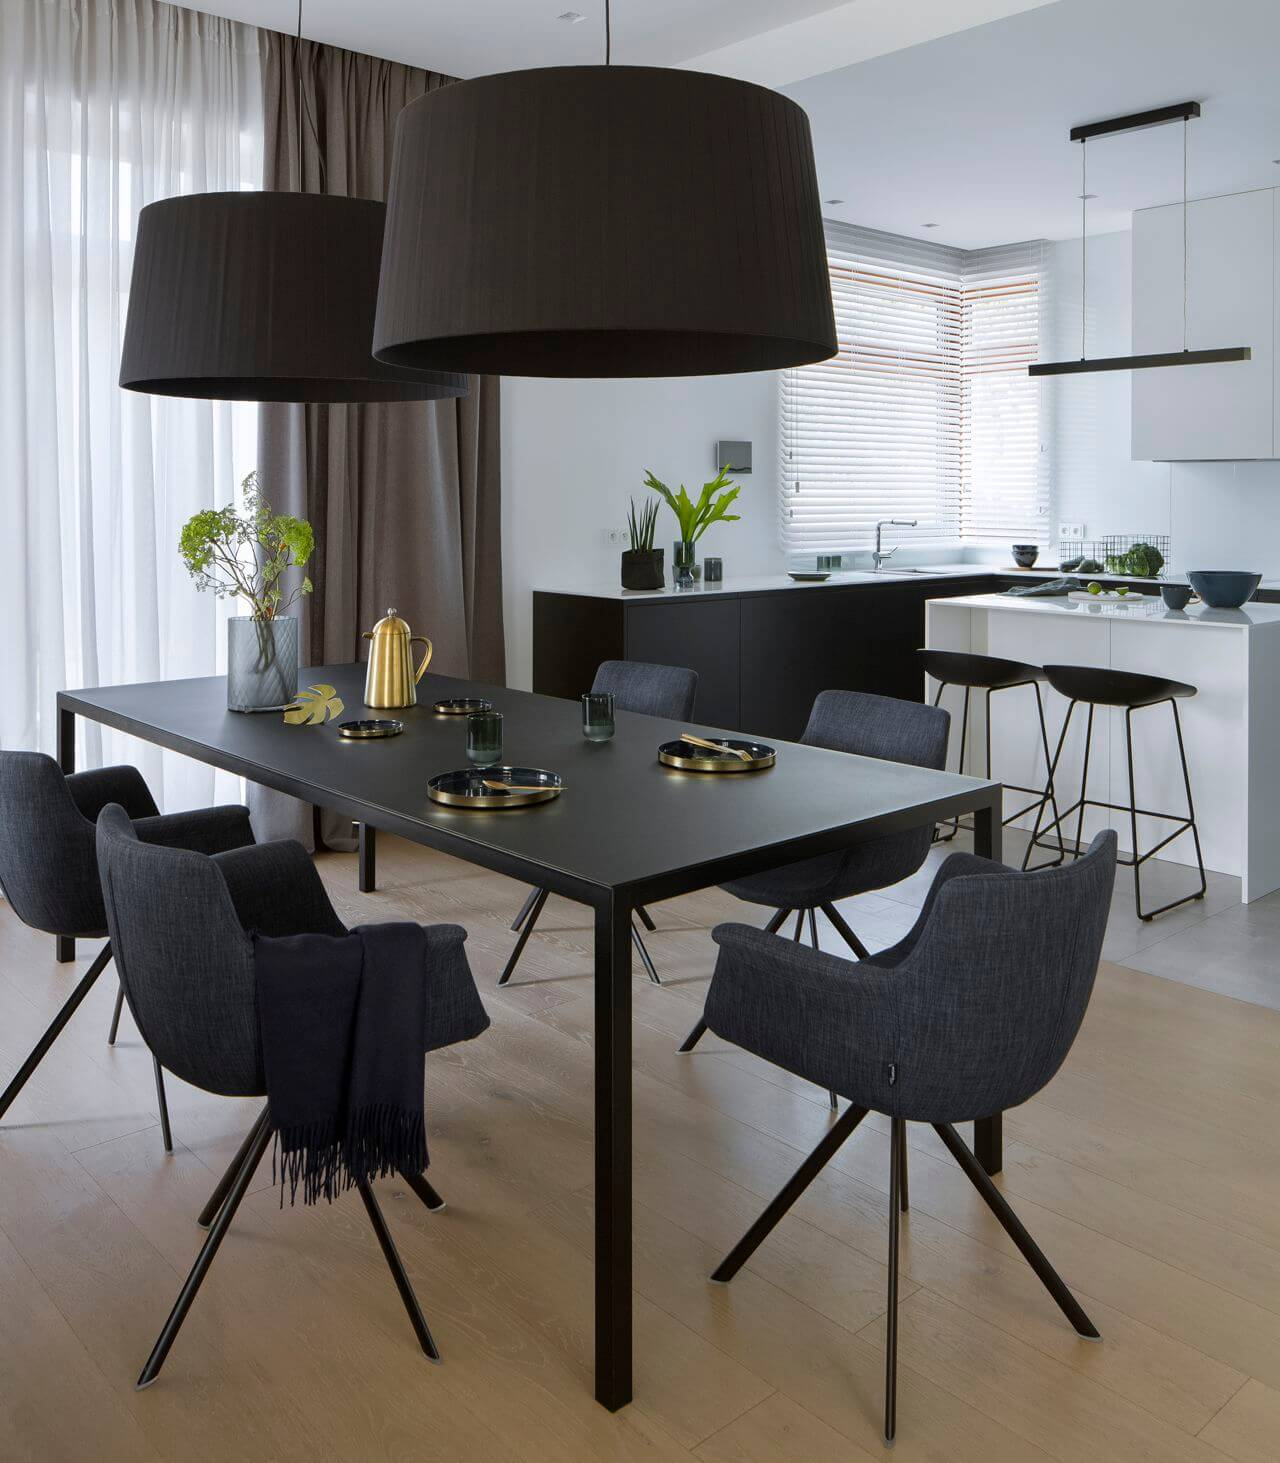 nowoczesny czarny minimalistyczny stol prosty